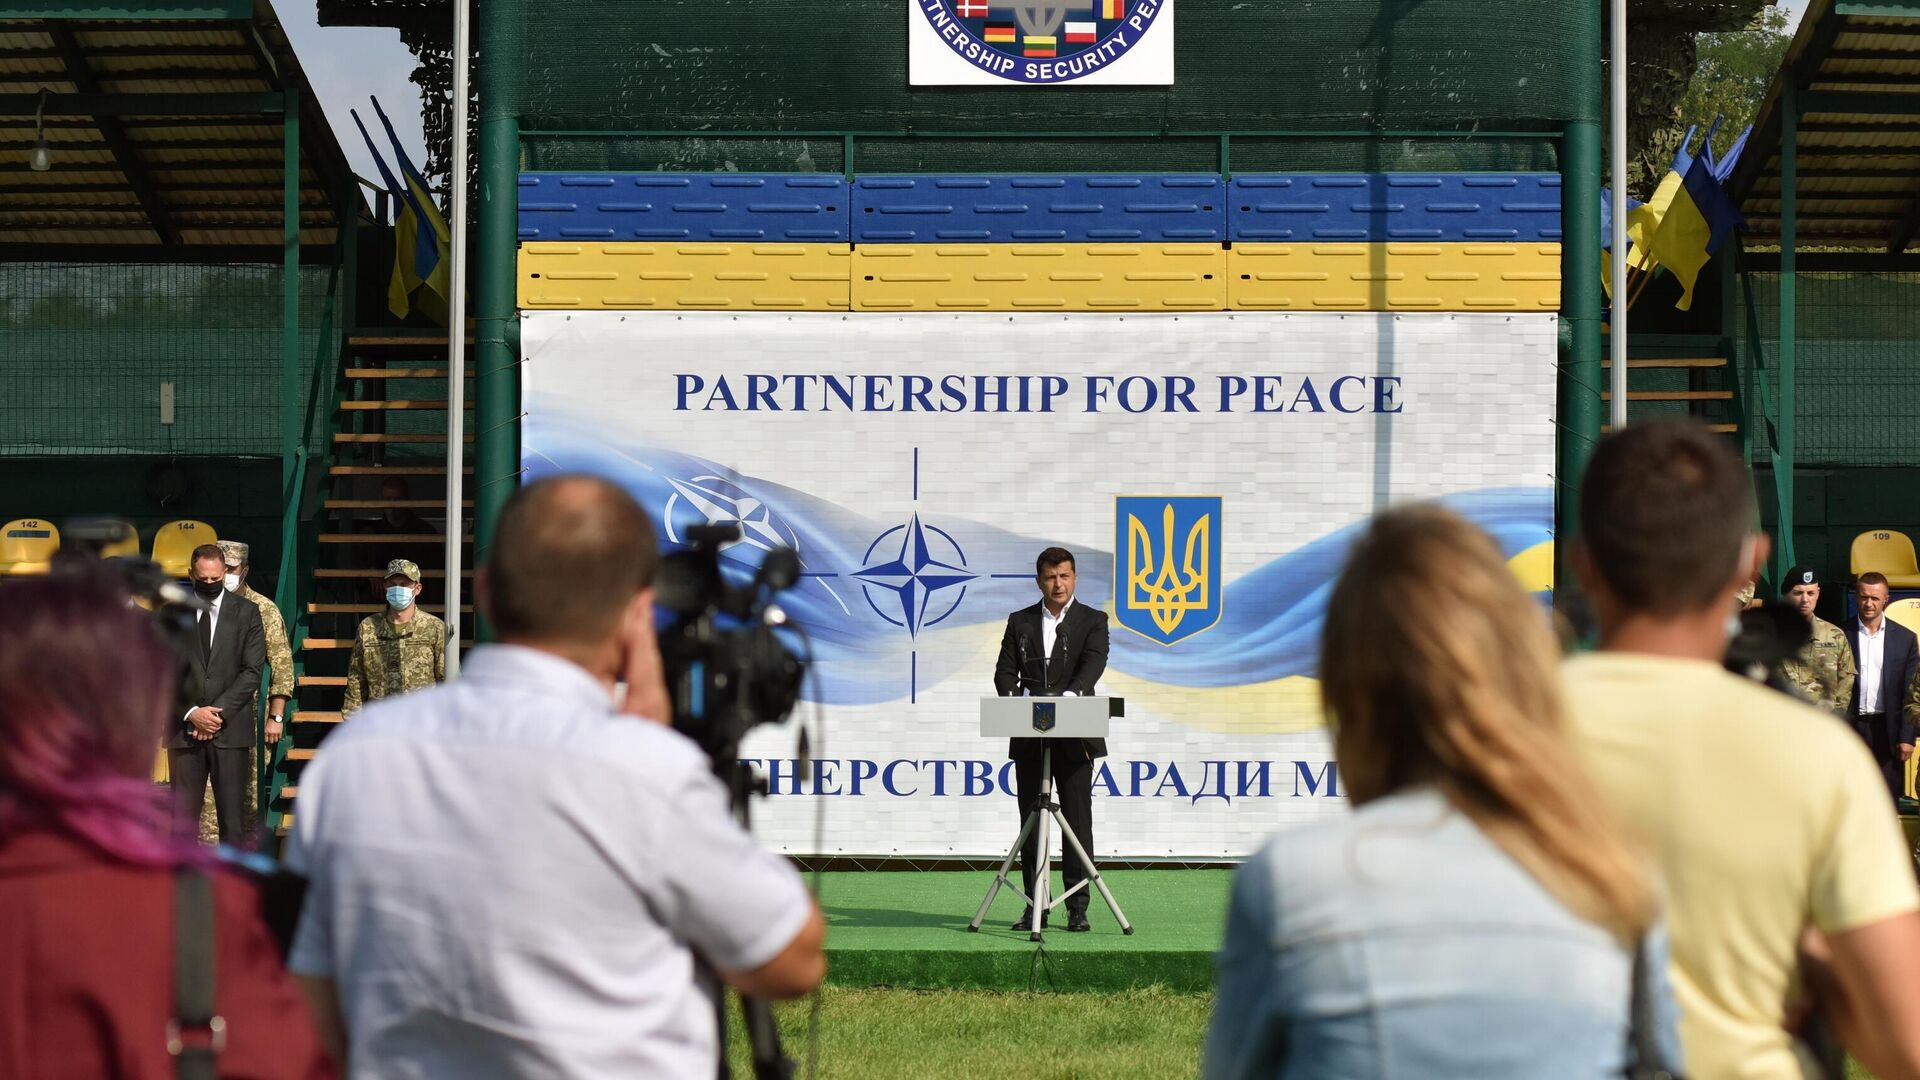 Президент Украины Владимир Зеленский на церемонии открытия военных совместных военных учений Украины и стран НАТО Rapid Trident-2020 - РИА Новости, 1920, 18.02.2021